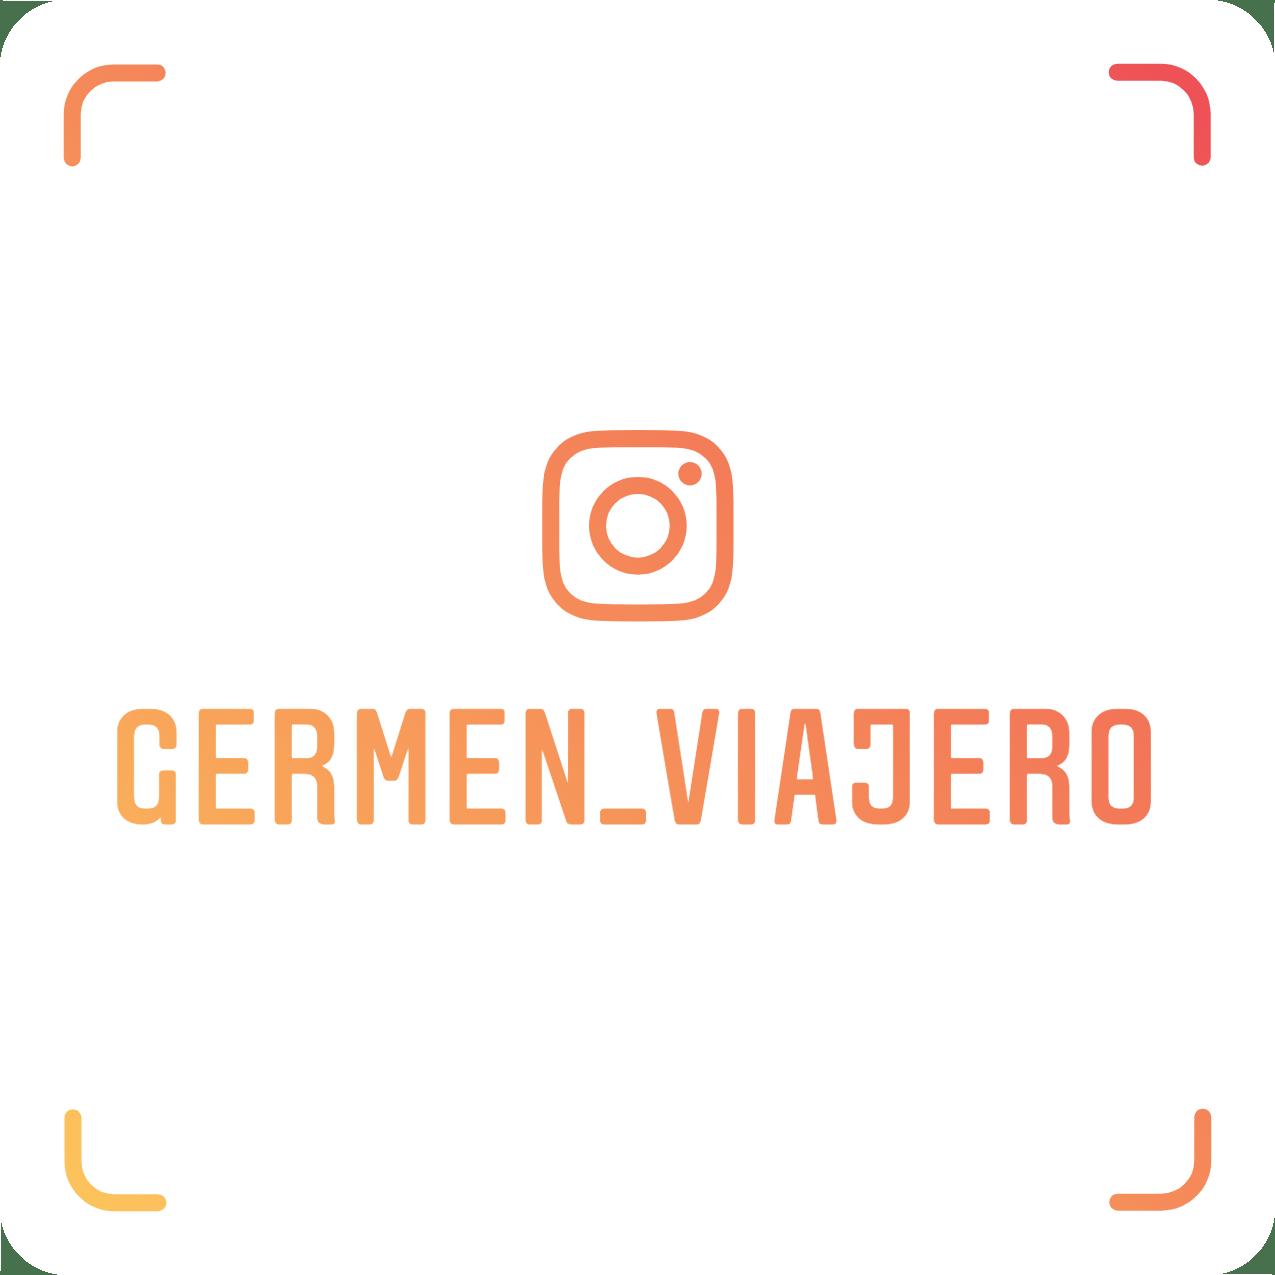 Instagram germen_viajero